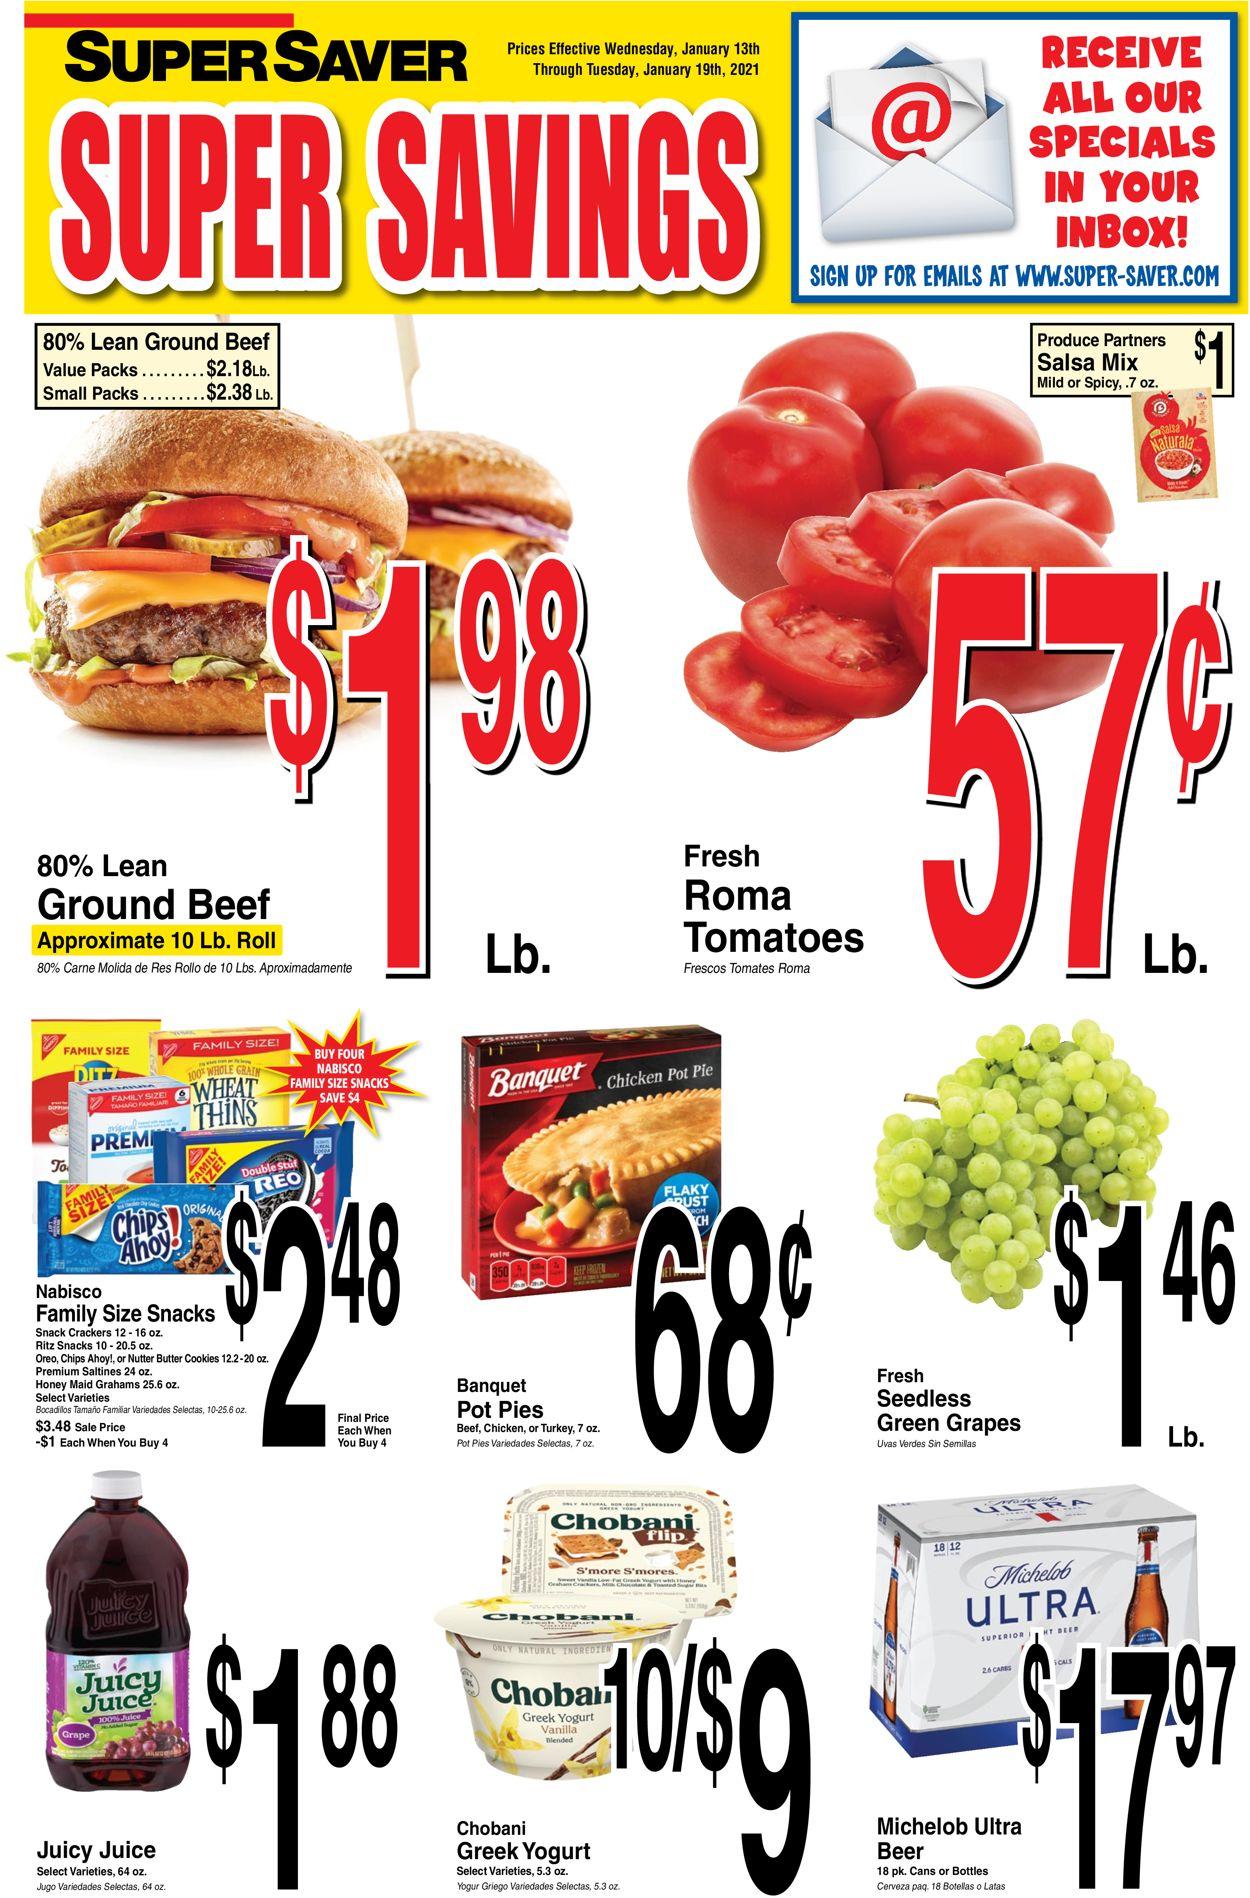 Super Saver Weekly Ad Circular - valid 01/13-01/19/2021